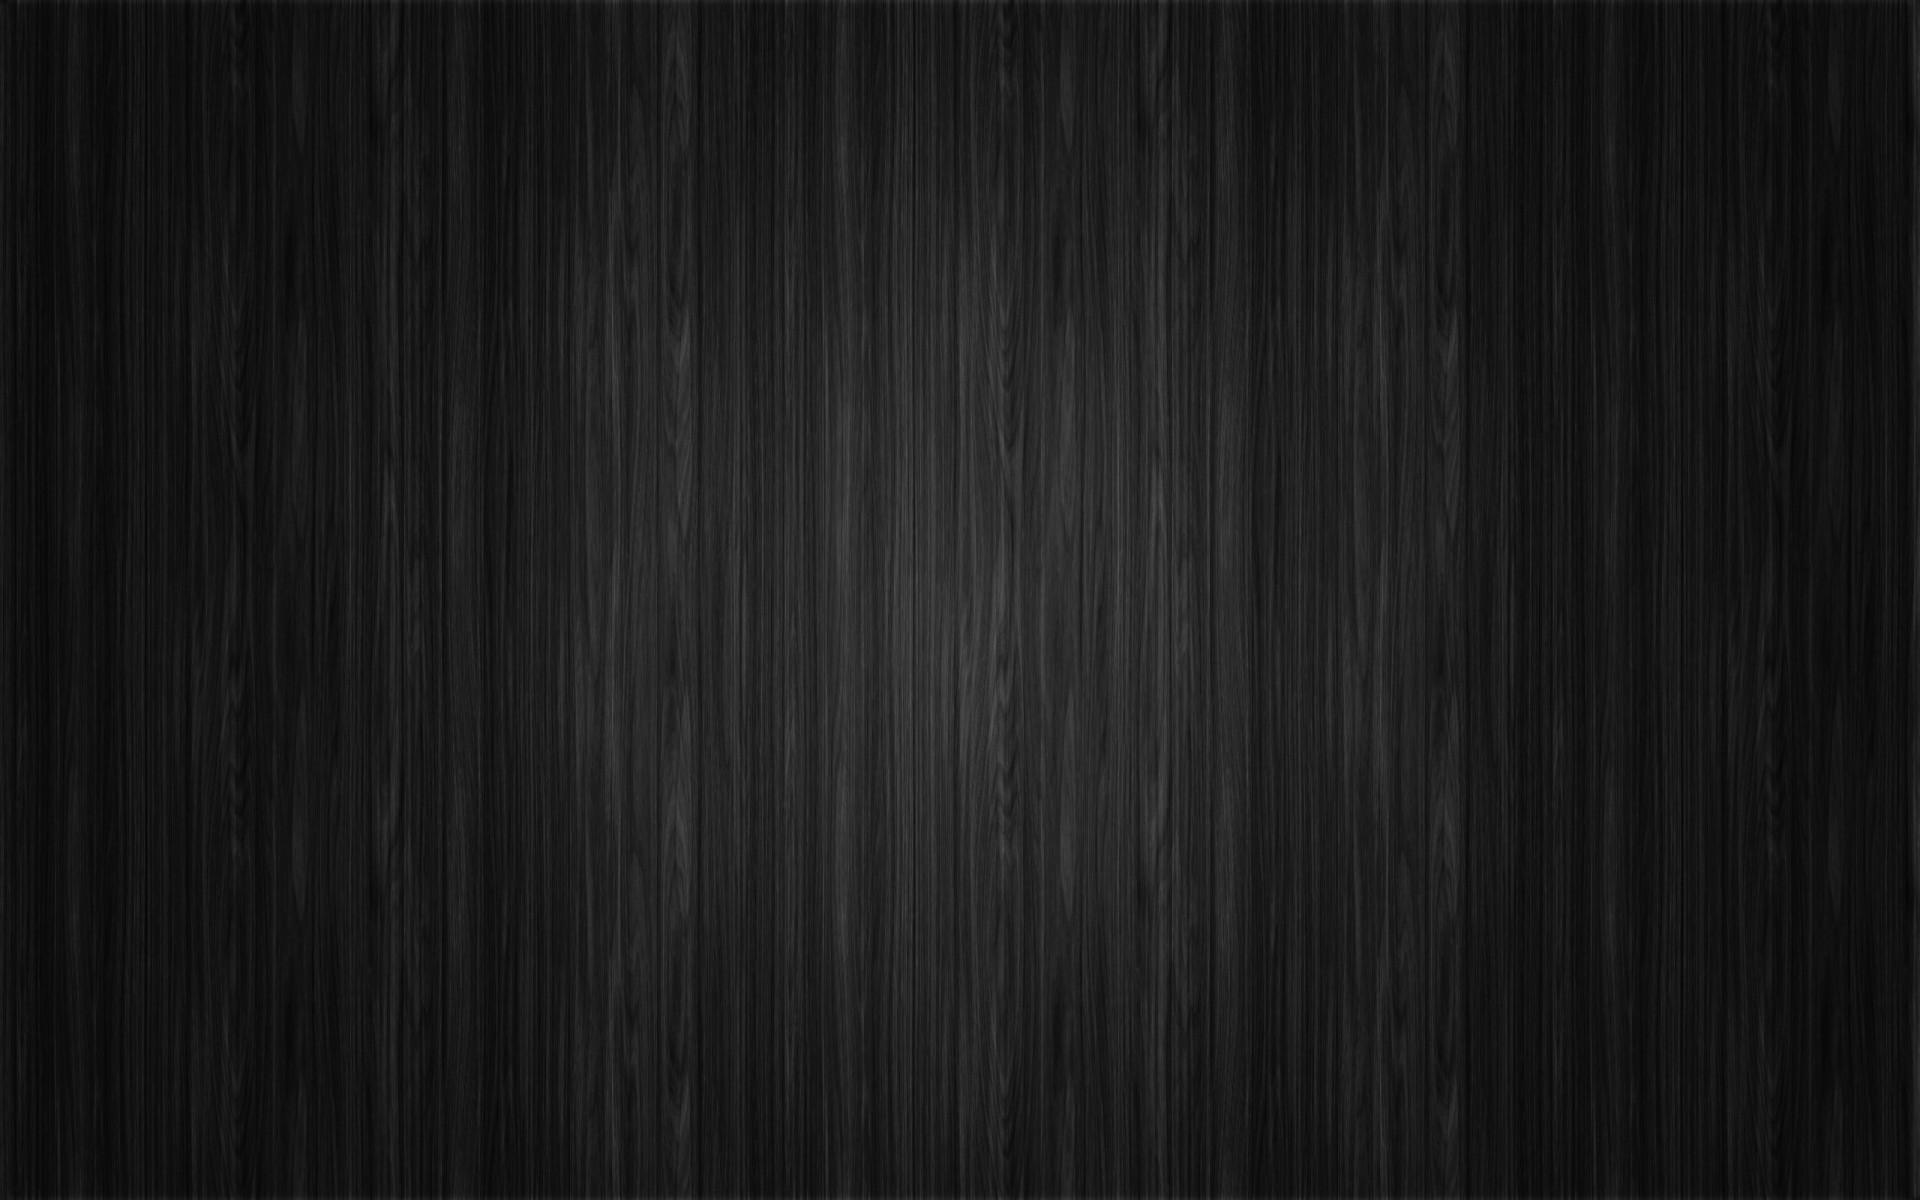 Паркетная доска esta parket ясень темно-золотой термо эбони поры браш (dark golden thermo ebony pores brush)